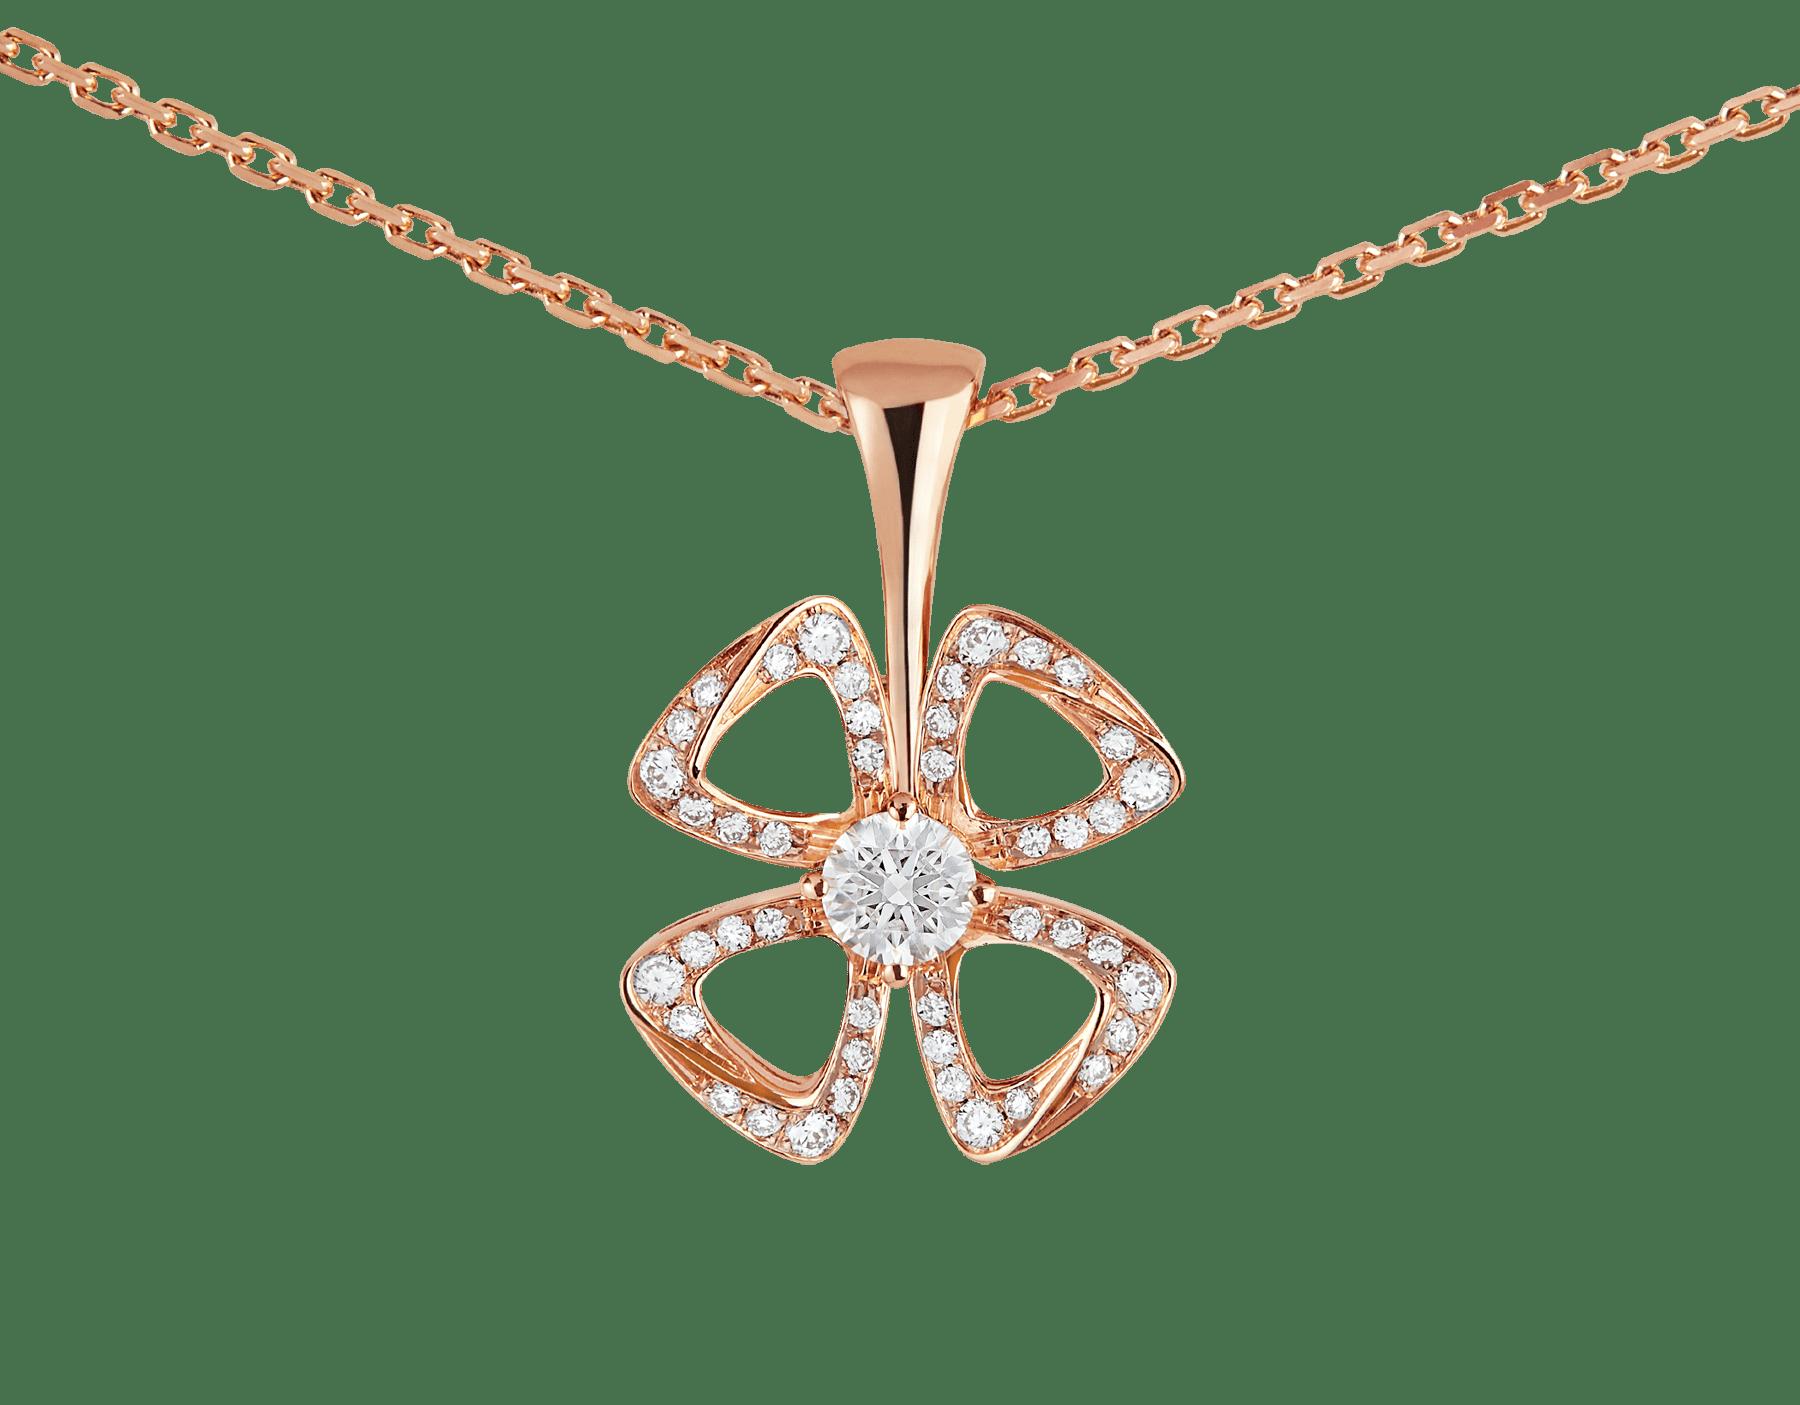 Collier Fiorever en or rose 18K serti d'un diamant taille brillant au centre (0,10ct) et pavé diamants (0,06ct) 358156 image 3